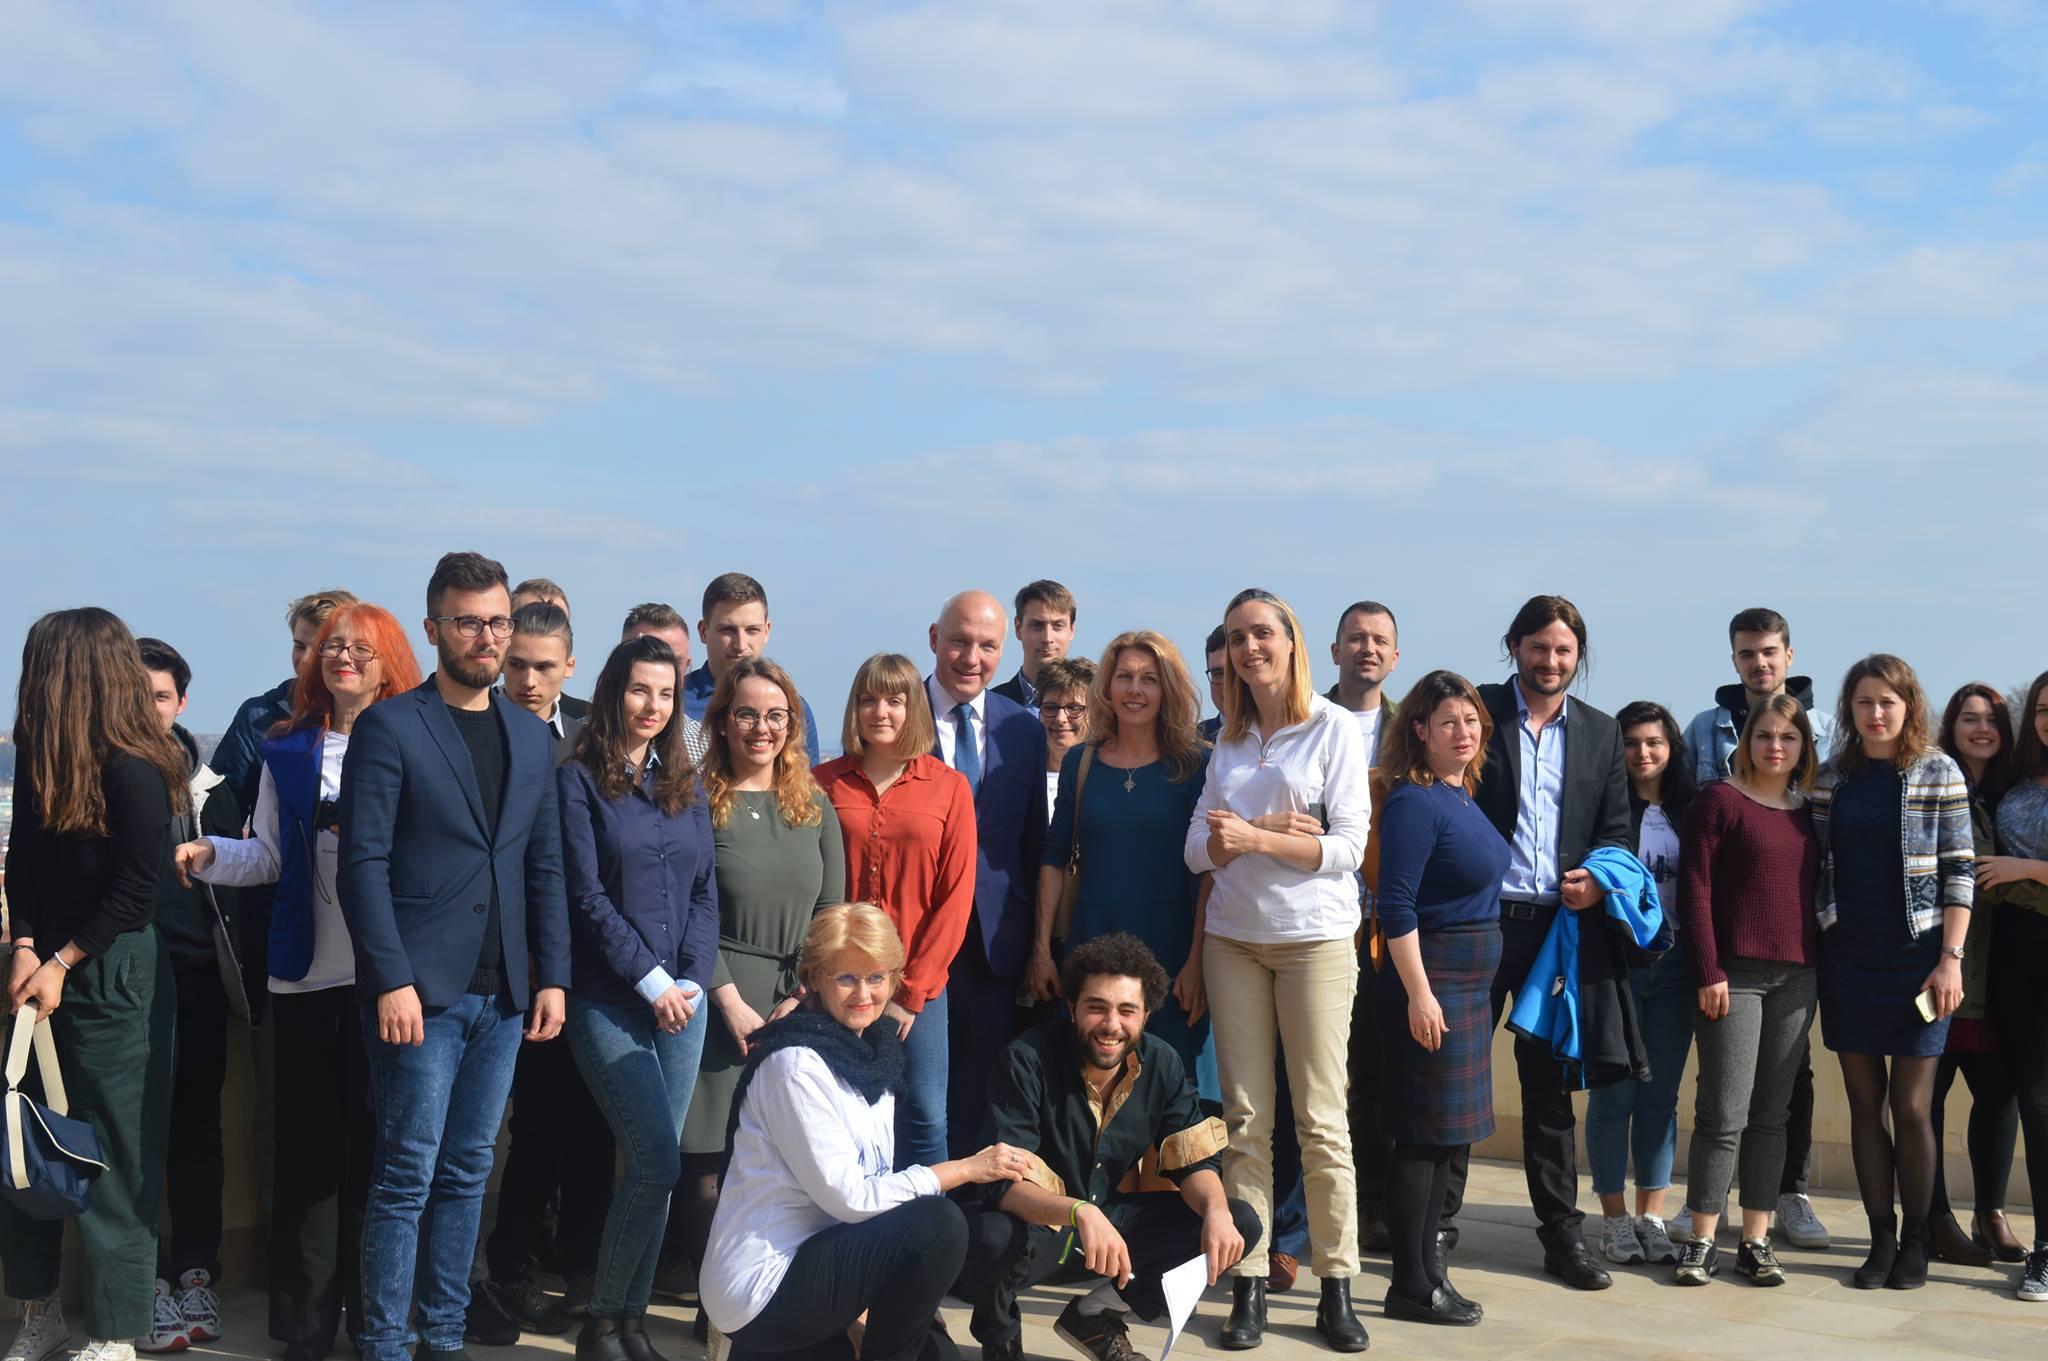 Solidarity Tour en étape à Prague : Permettre aux jeunes d'exprimer leur européanité